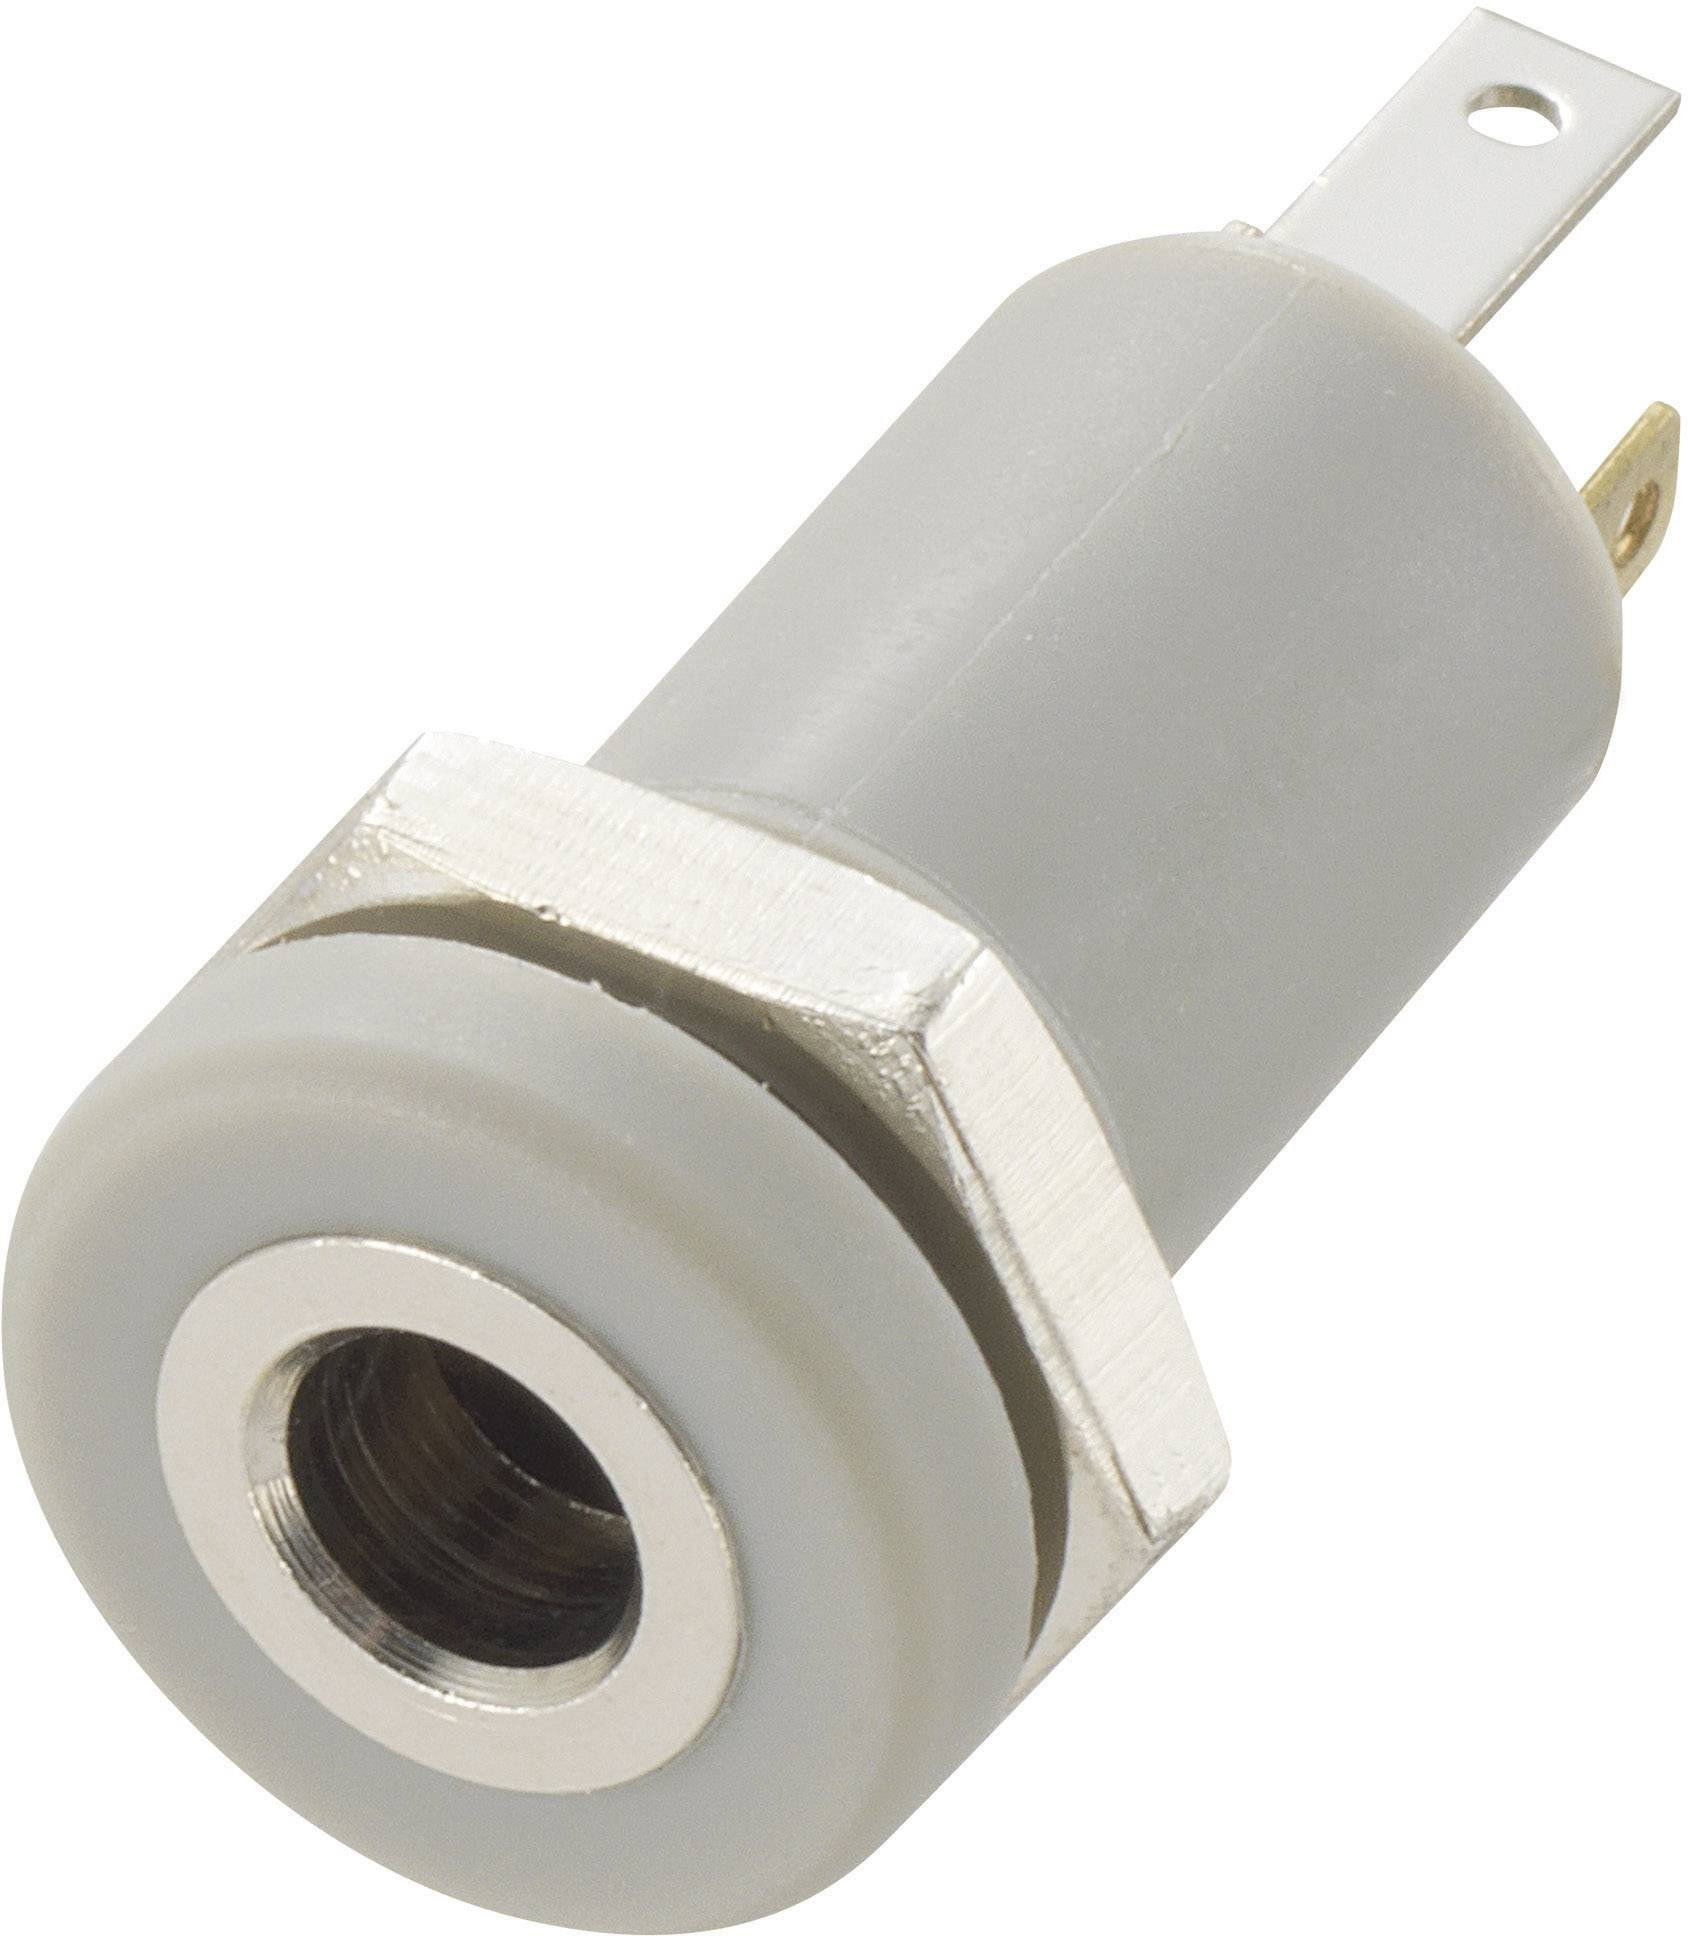 Jack konektor 3.5 mm TRU COMPONENTS stereo zásuvka, vstavateľná vertikálna, pólů 4, strieborná, 1 ks